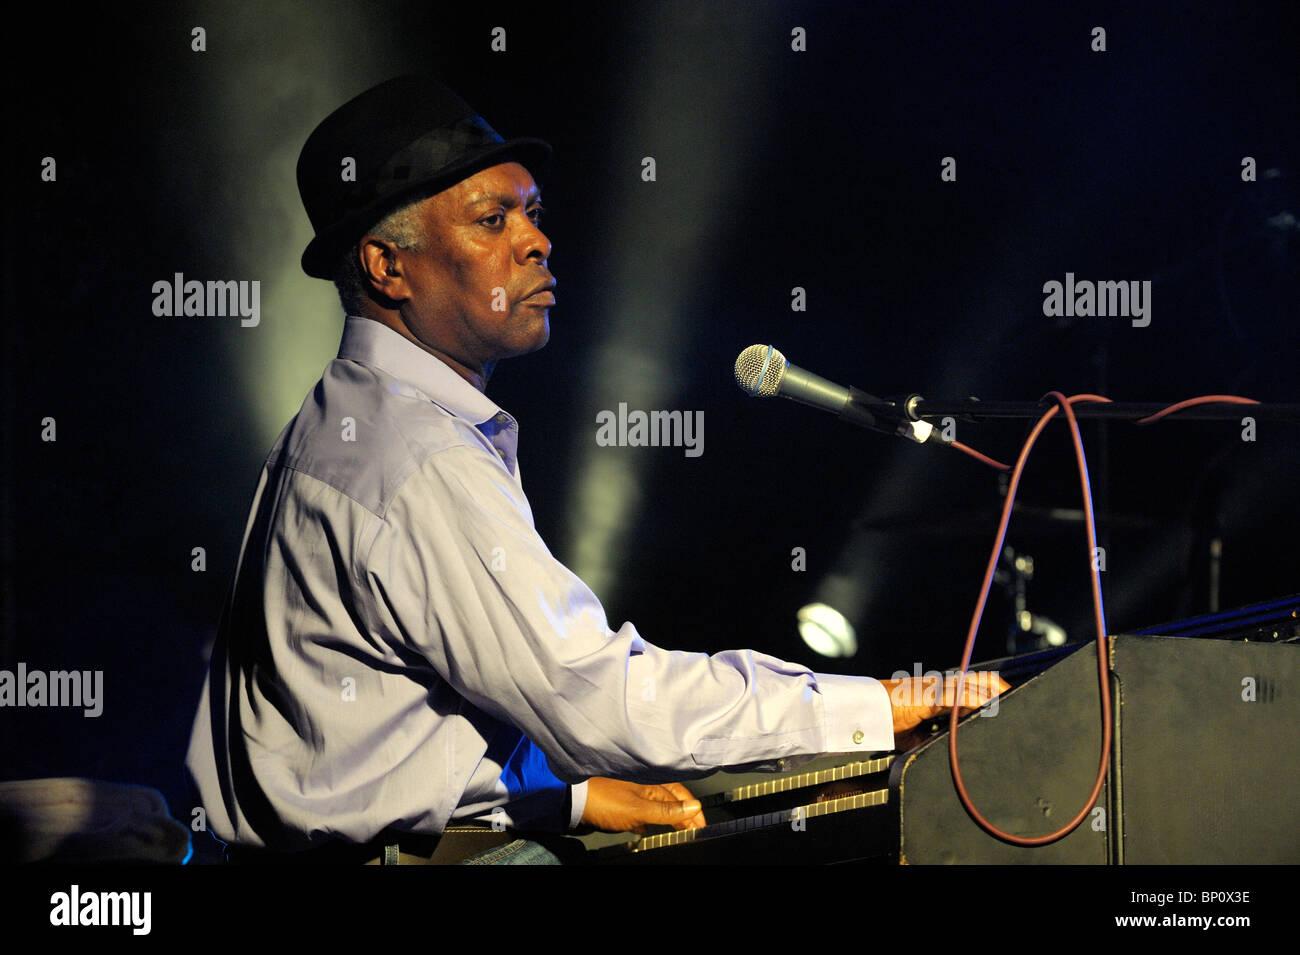 Booker T. Jones, chanteur de blues américain musicien joue orgue Hammond B3. Scène principale de cadrage. Photo Stock